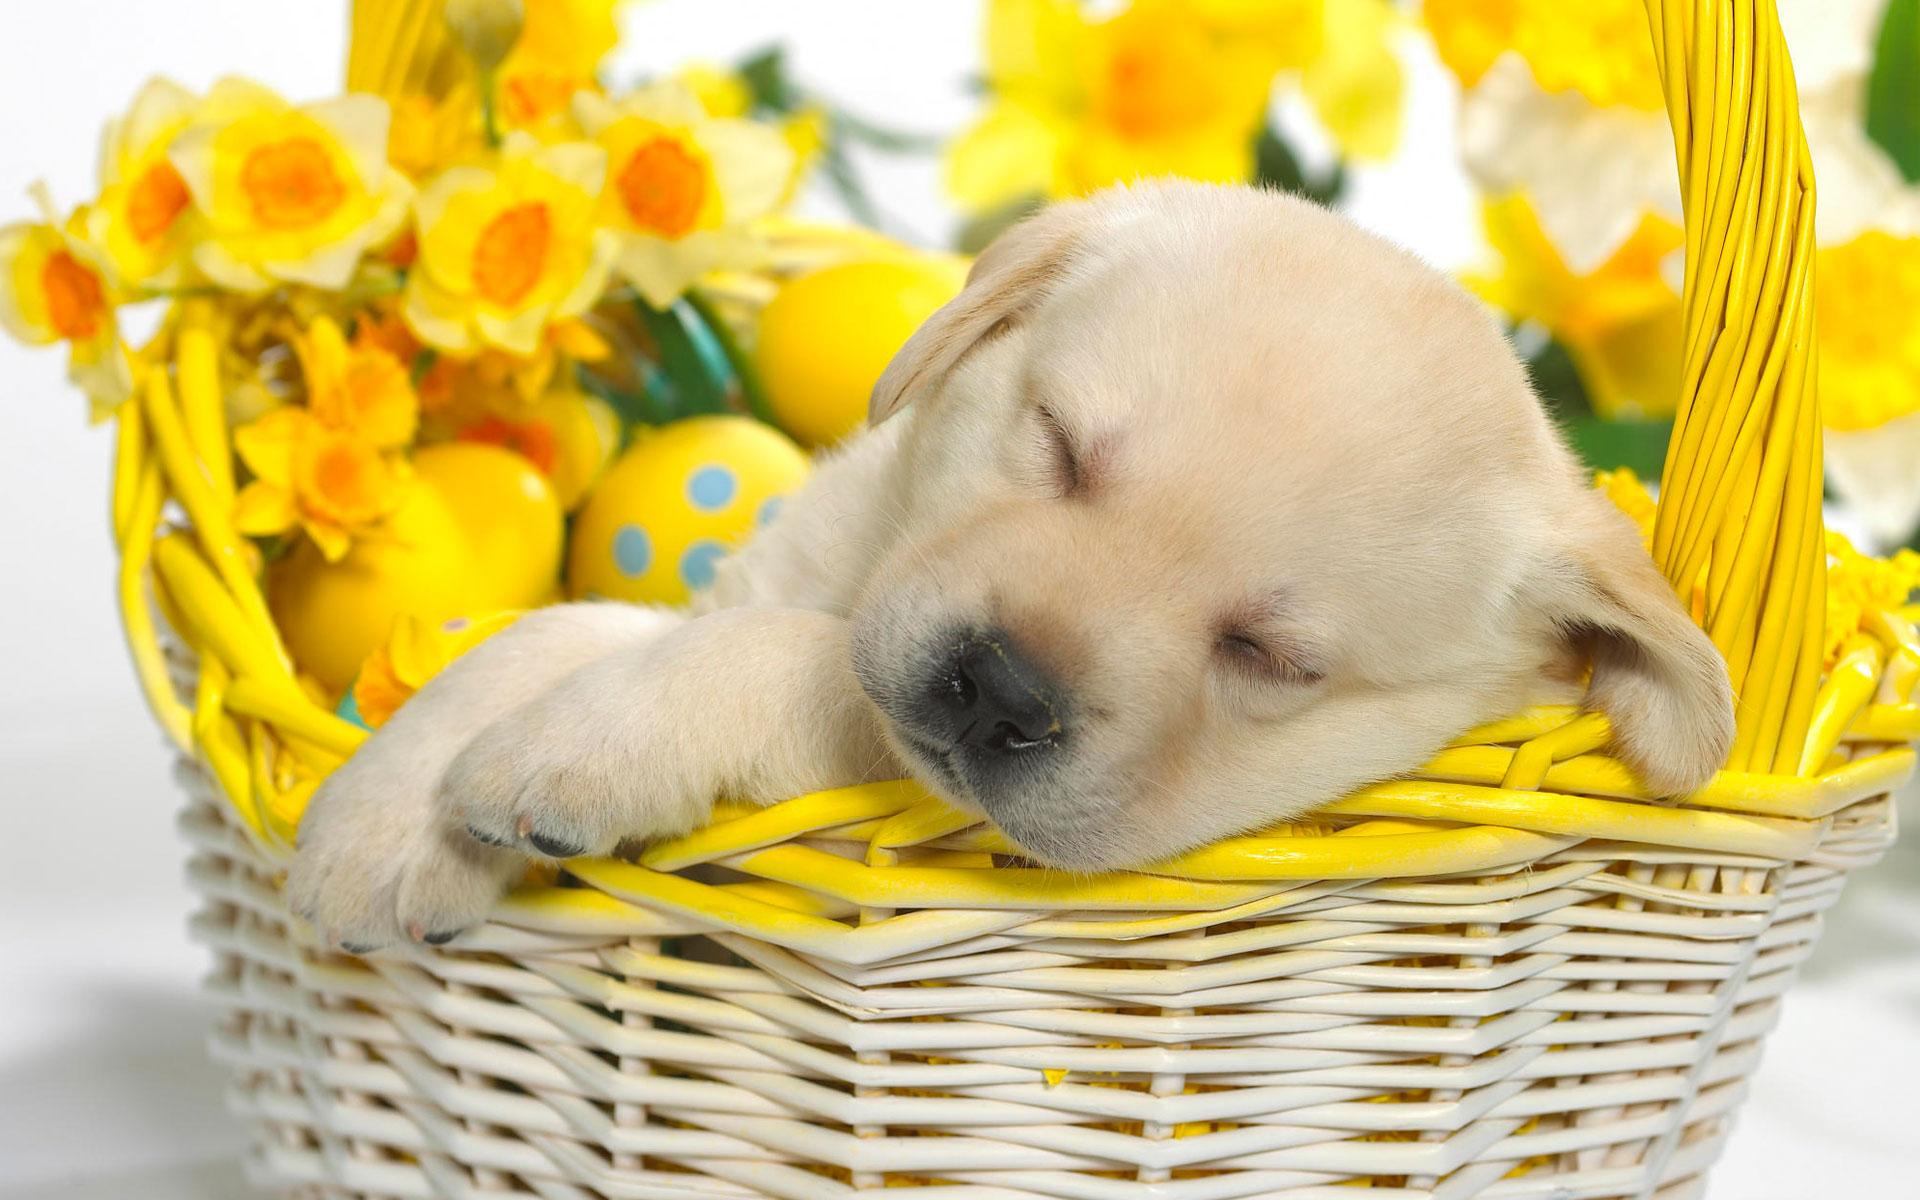 Cute Wallpapers For Springtime Springtime Snooze Wallpapers Hd Wallpapers Id 4985